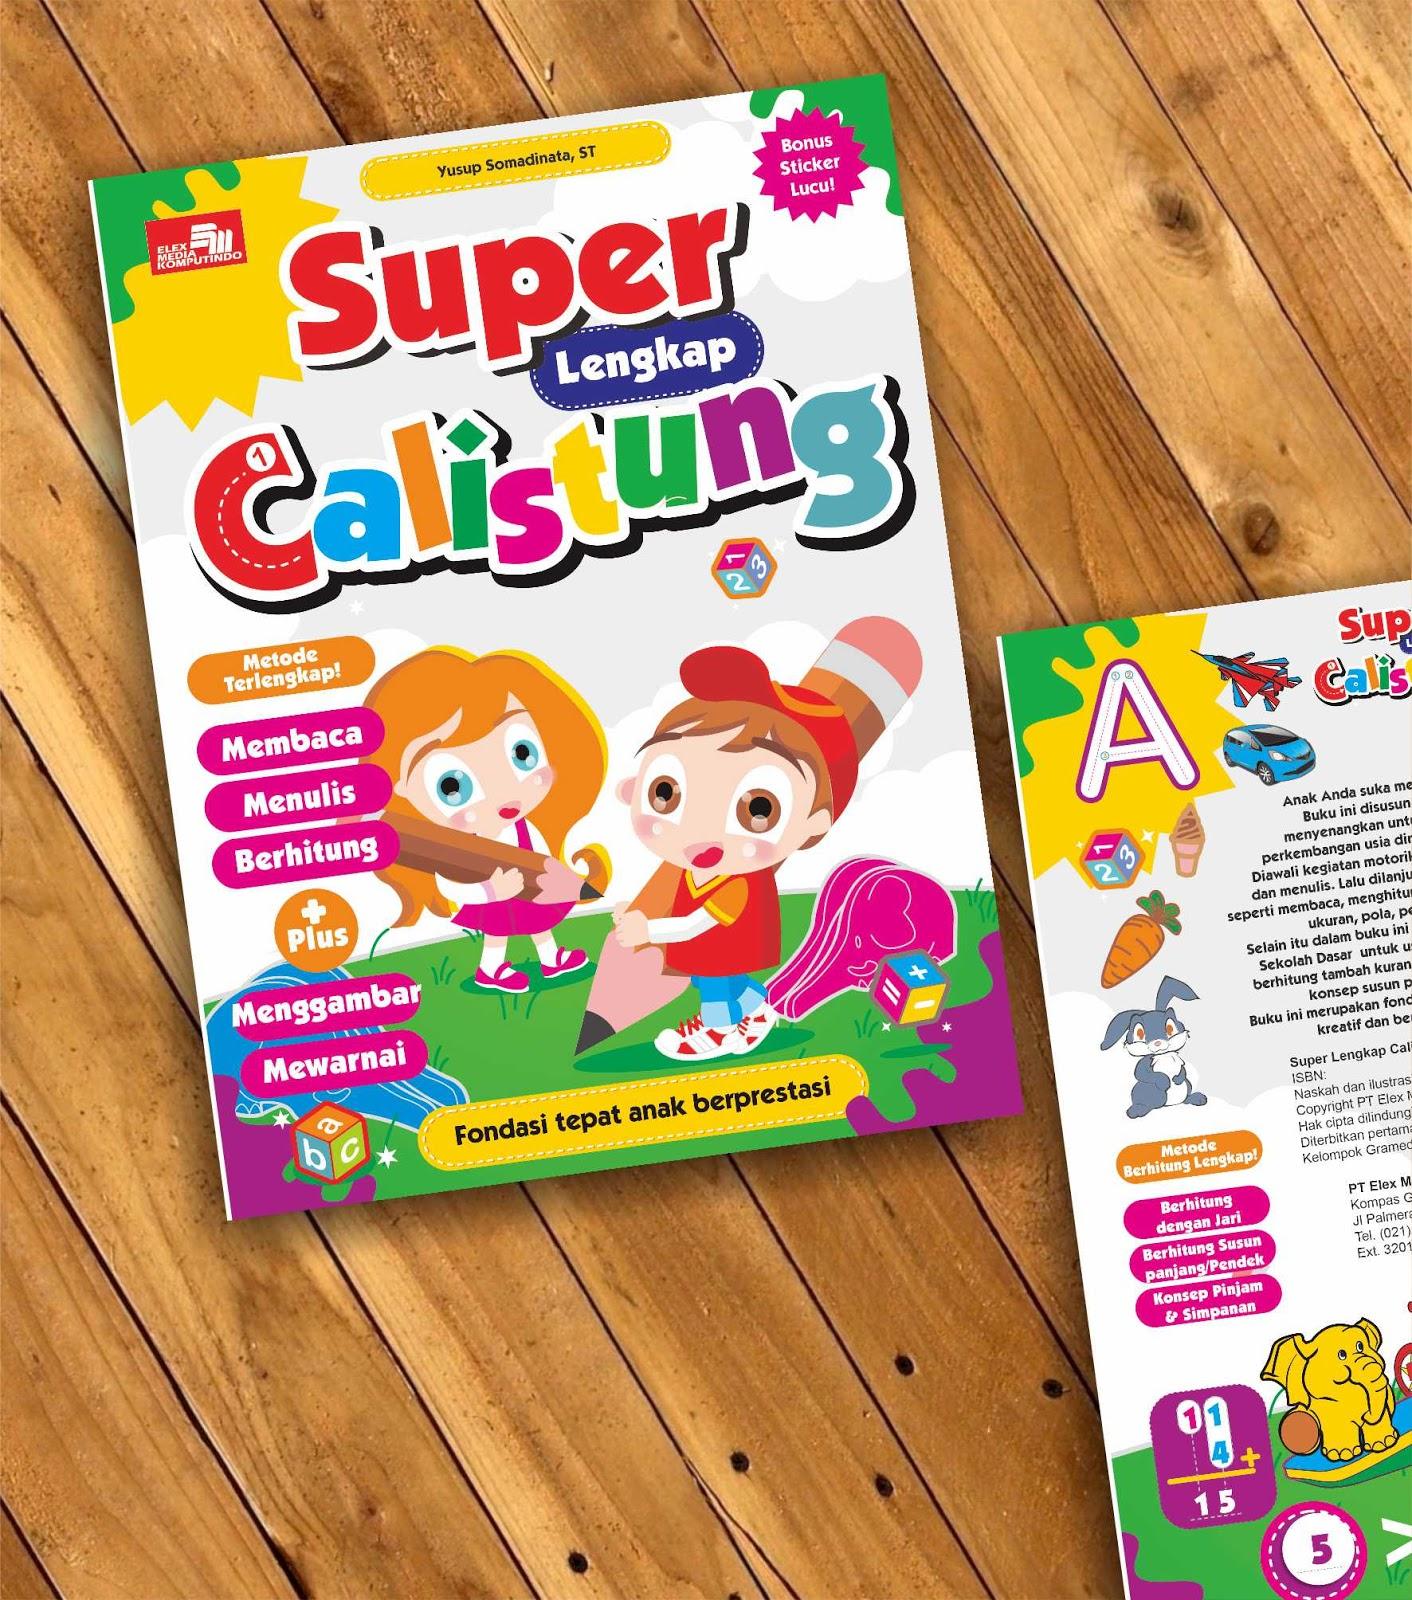 Oleh karena itu yuk kita bekali anak dengan pengenalan Calistung dalam buku Super Lengkap Calistung Ada bonus sticker mewarnai dan menggambar juga